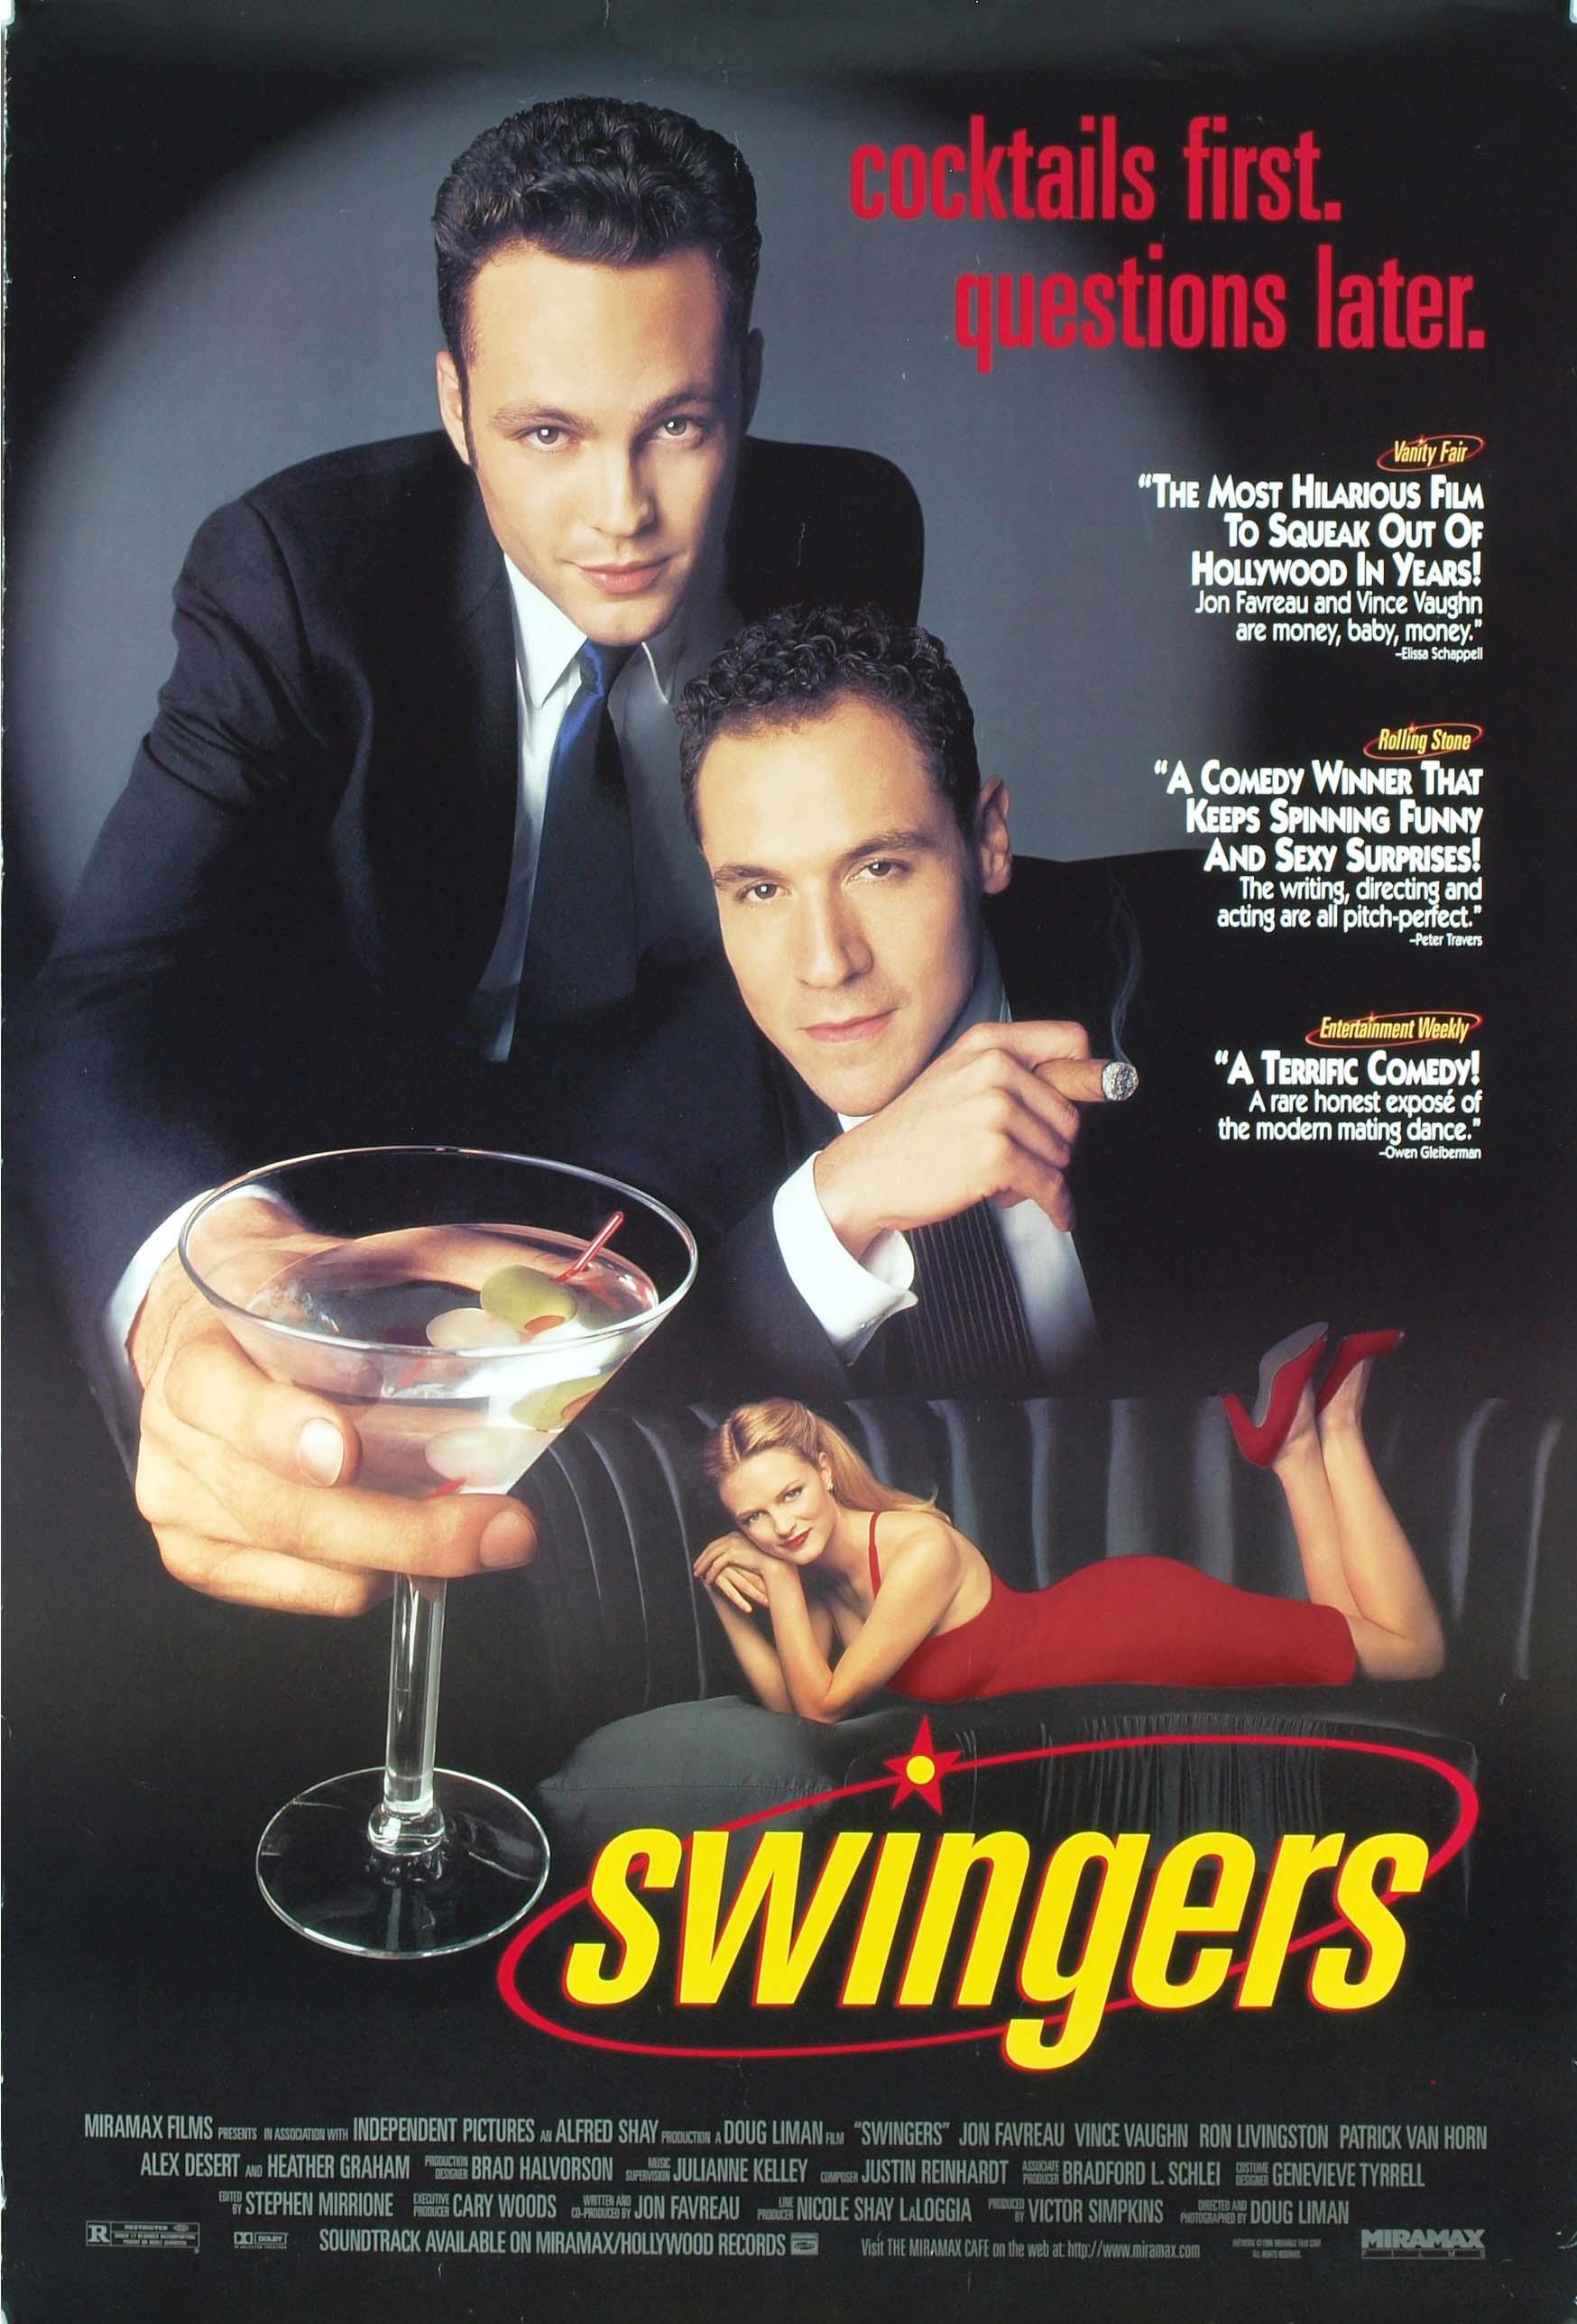 Swingers (1996) - DVD PLANET STORE